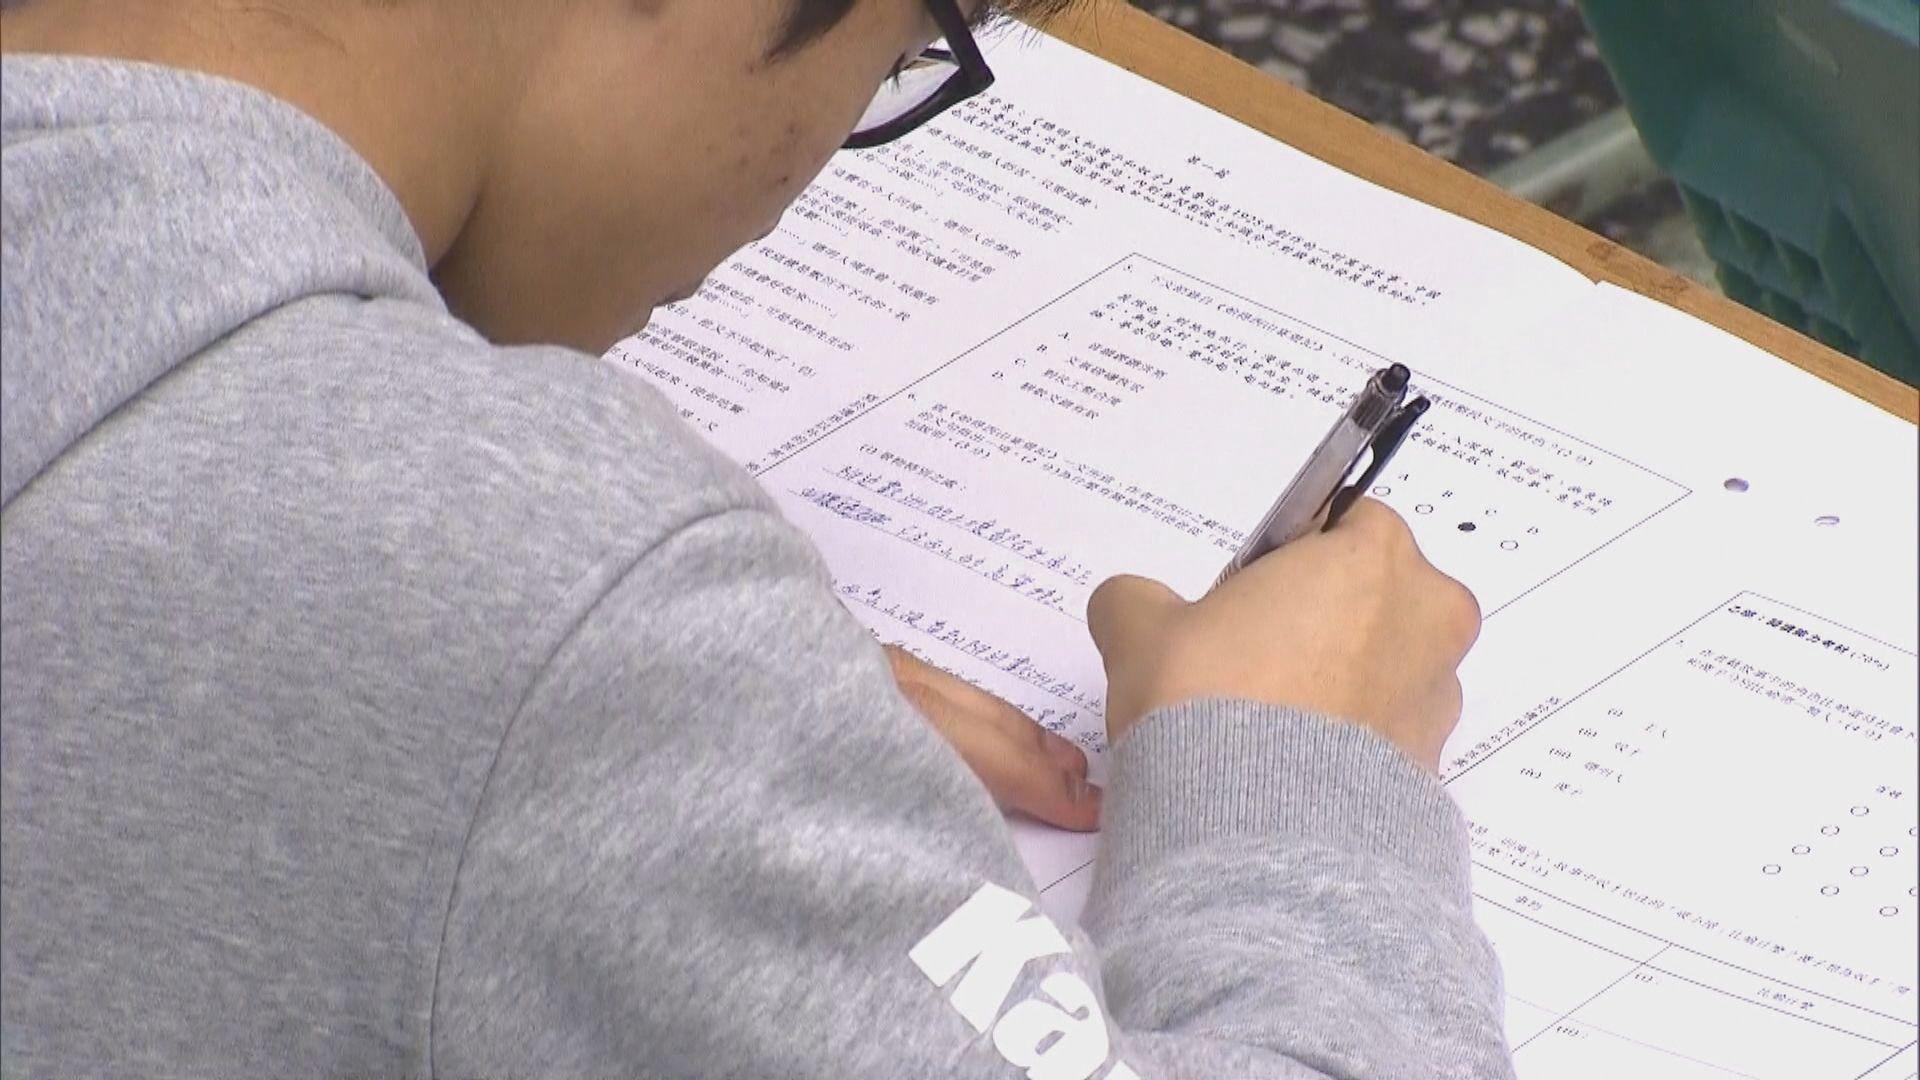 【DSE放榜】升學·就業資訊支援熱線一覽